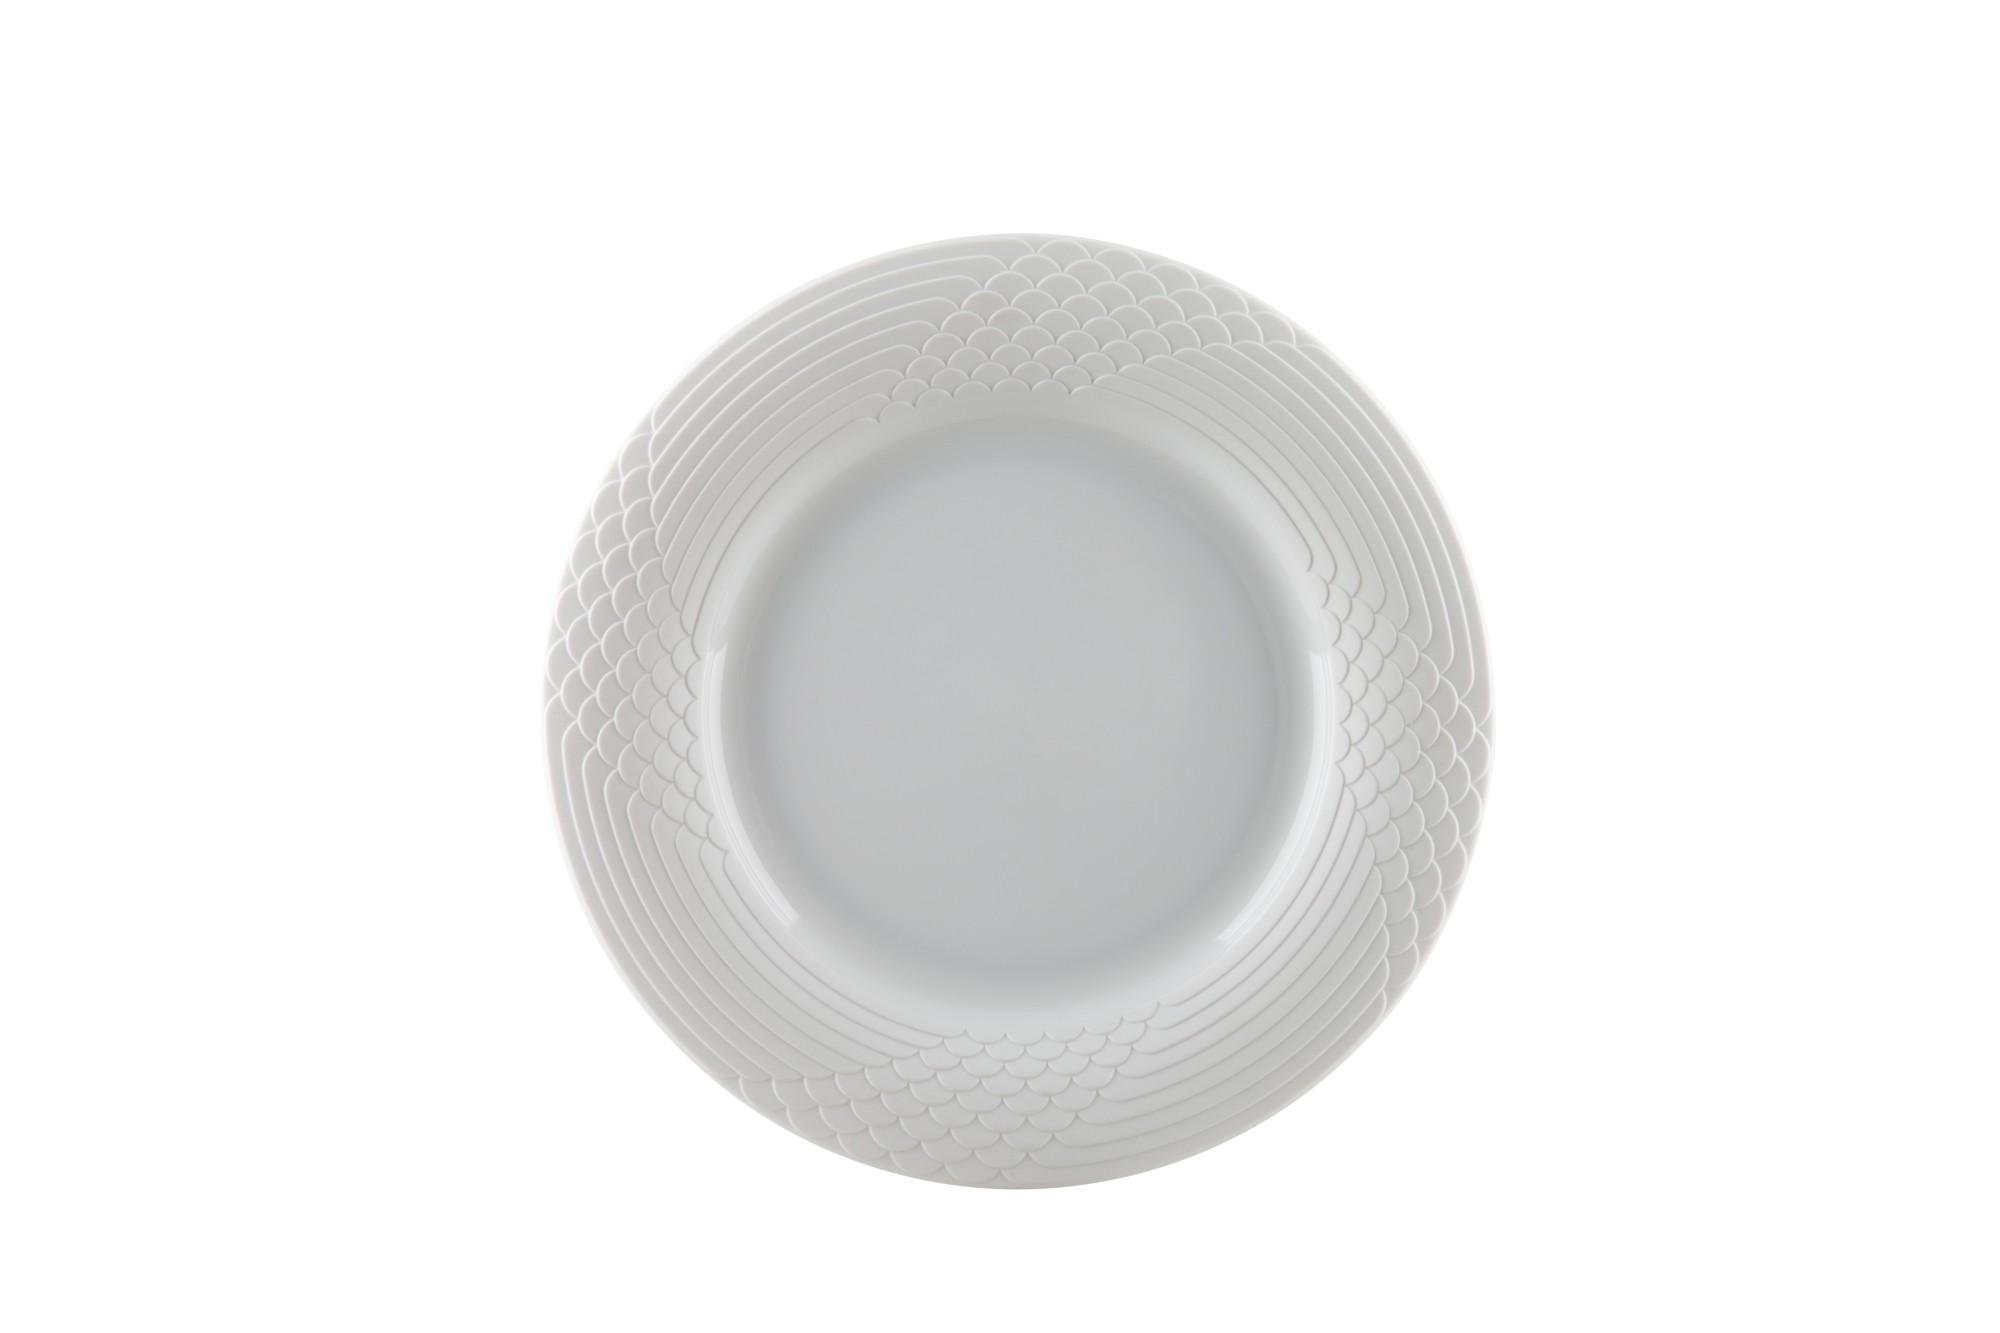 Πιάτο Φρούτου Σετ 6Τμχ Plus Ματ 22cm Ionia home   ειδη σερβιρισματος   πιάτα